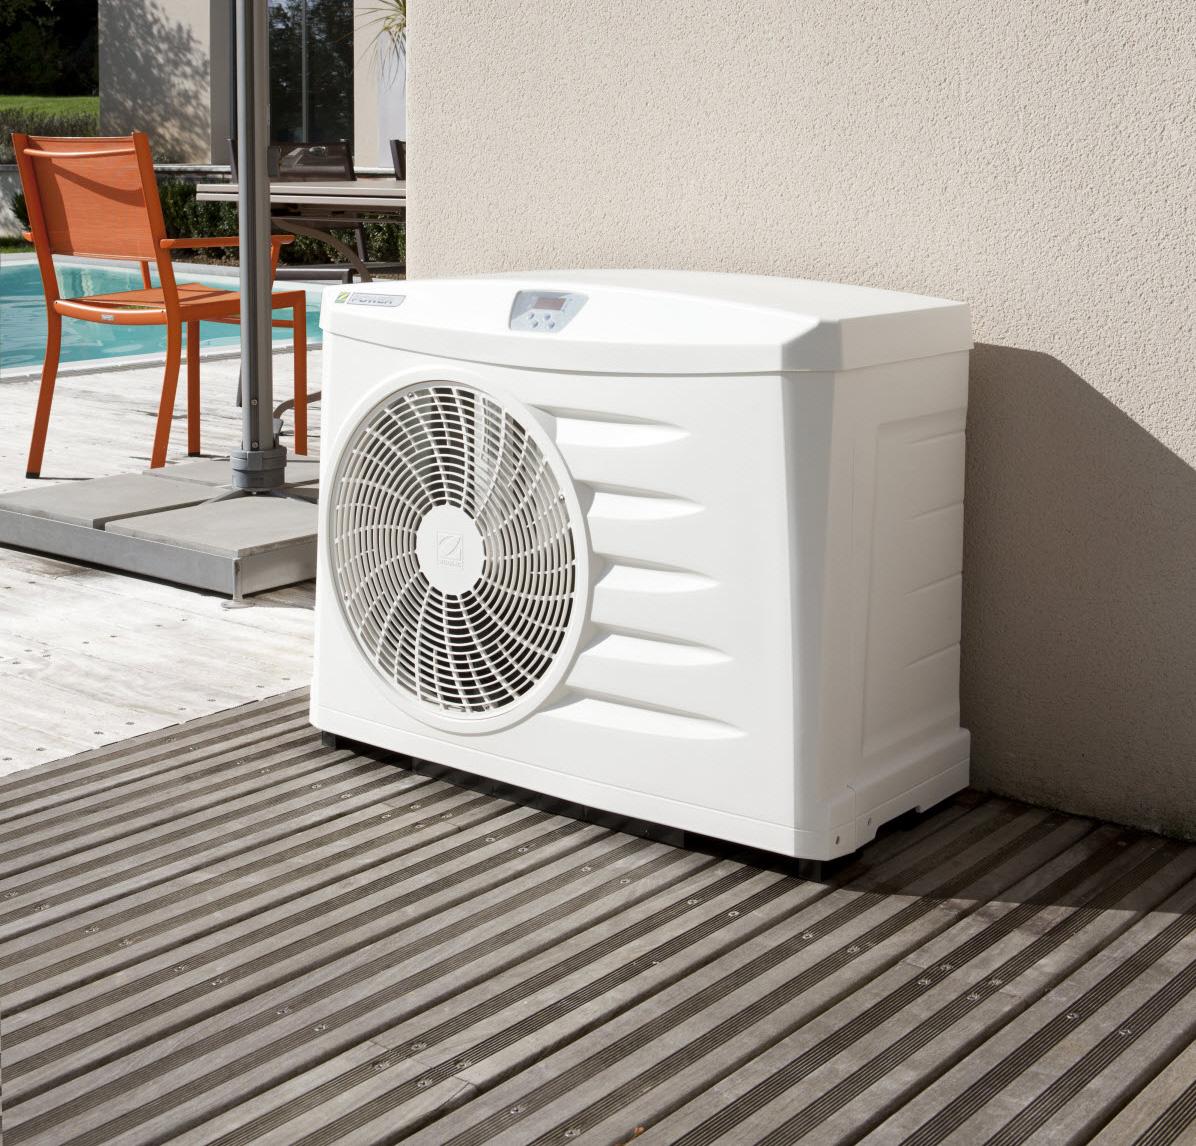 bombas de calor para piscinas precios y venta. Black Bedroom Furniture Sets. Home Design Ideas